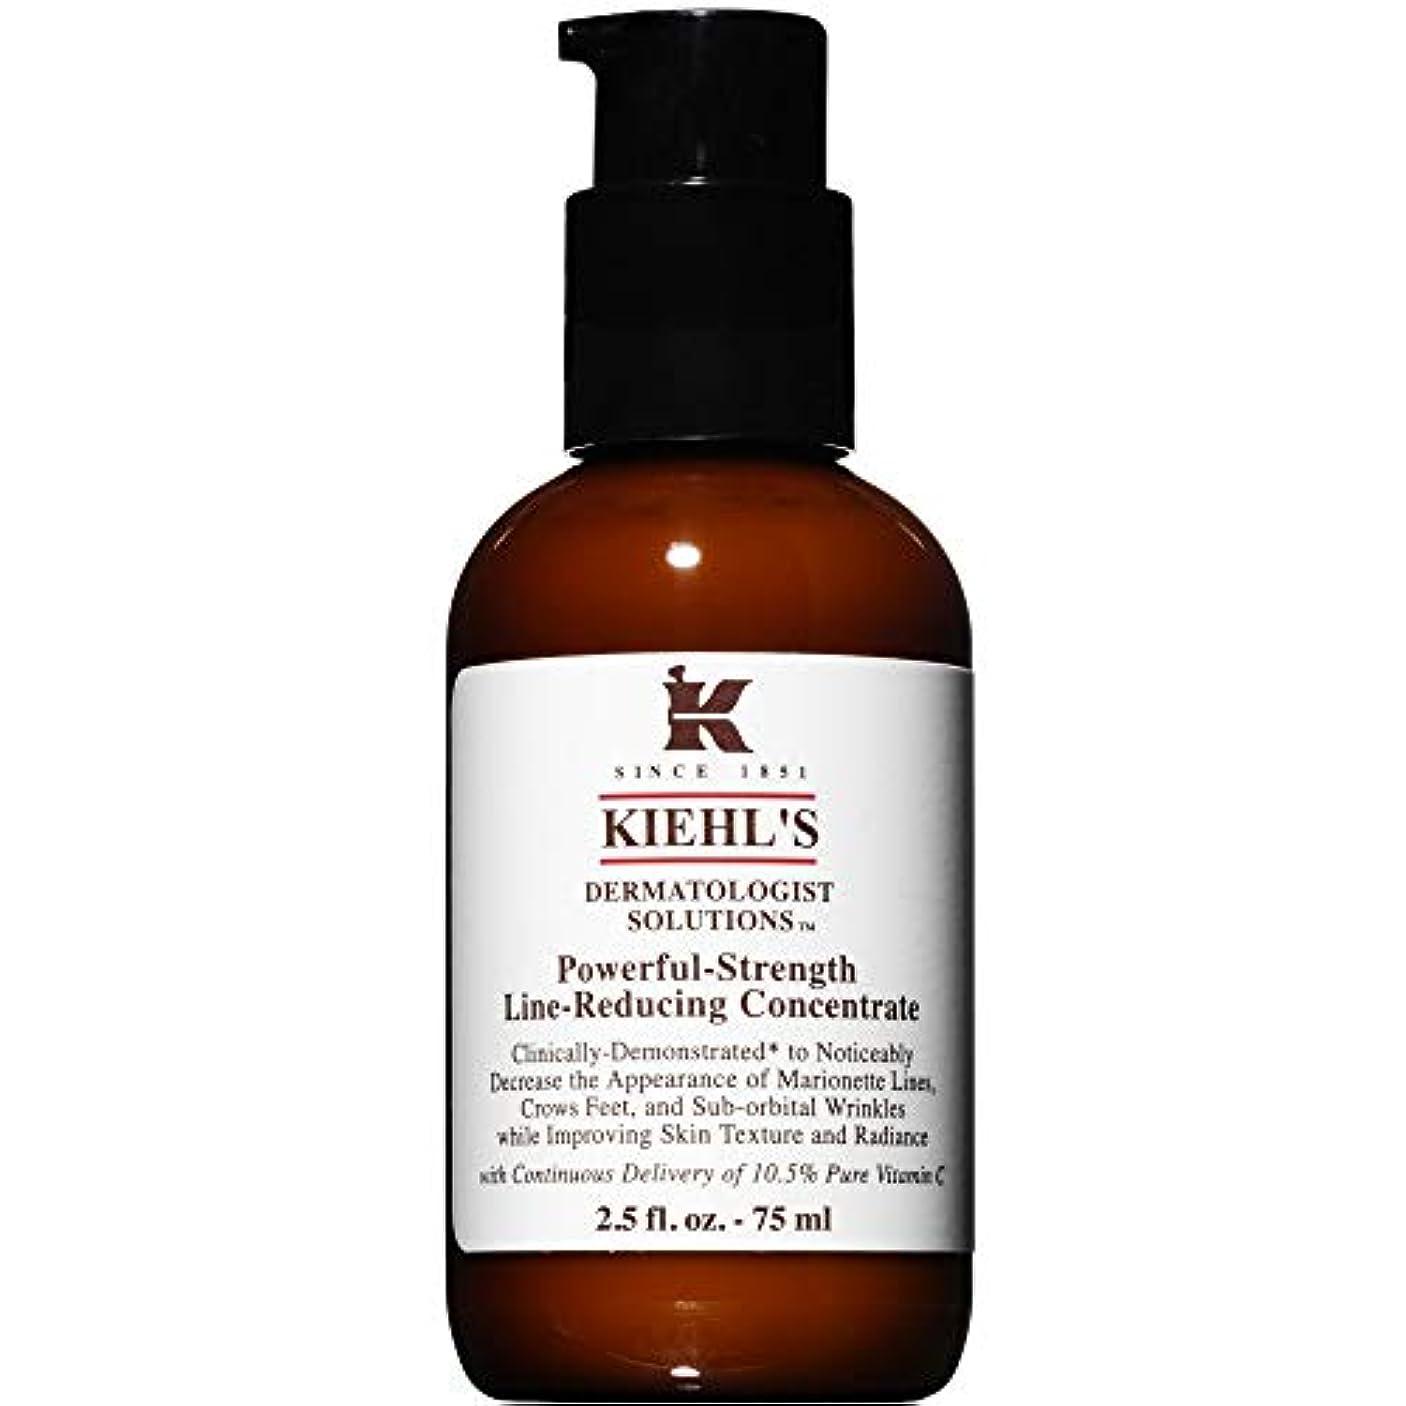 個人的に主張するボンド[Kiehl's] キールズ強力な強度ライン低減濃縮75ミリリットル - Kiehl's Powerful-Strength Line-Reducing Concentrate 75ml [並行輸入品]